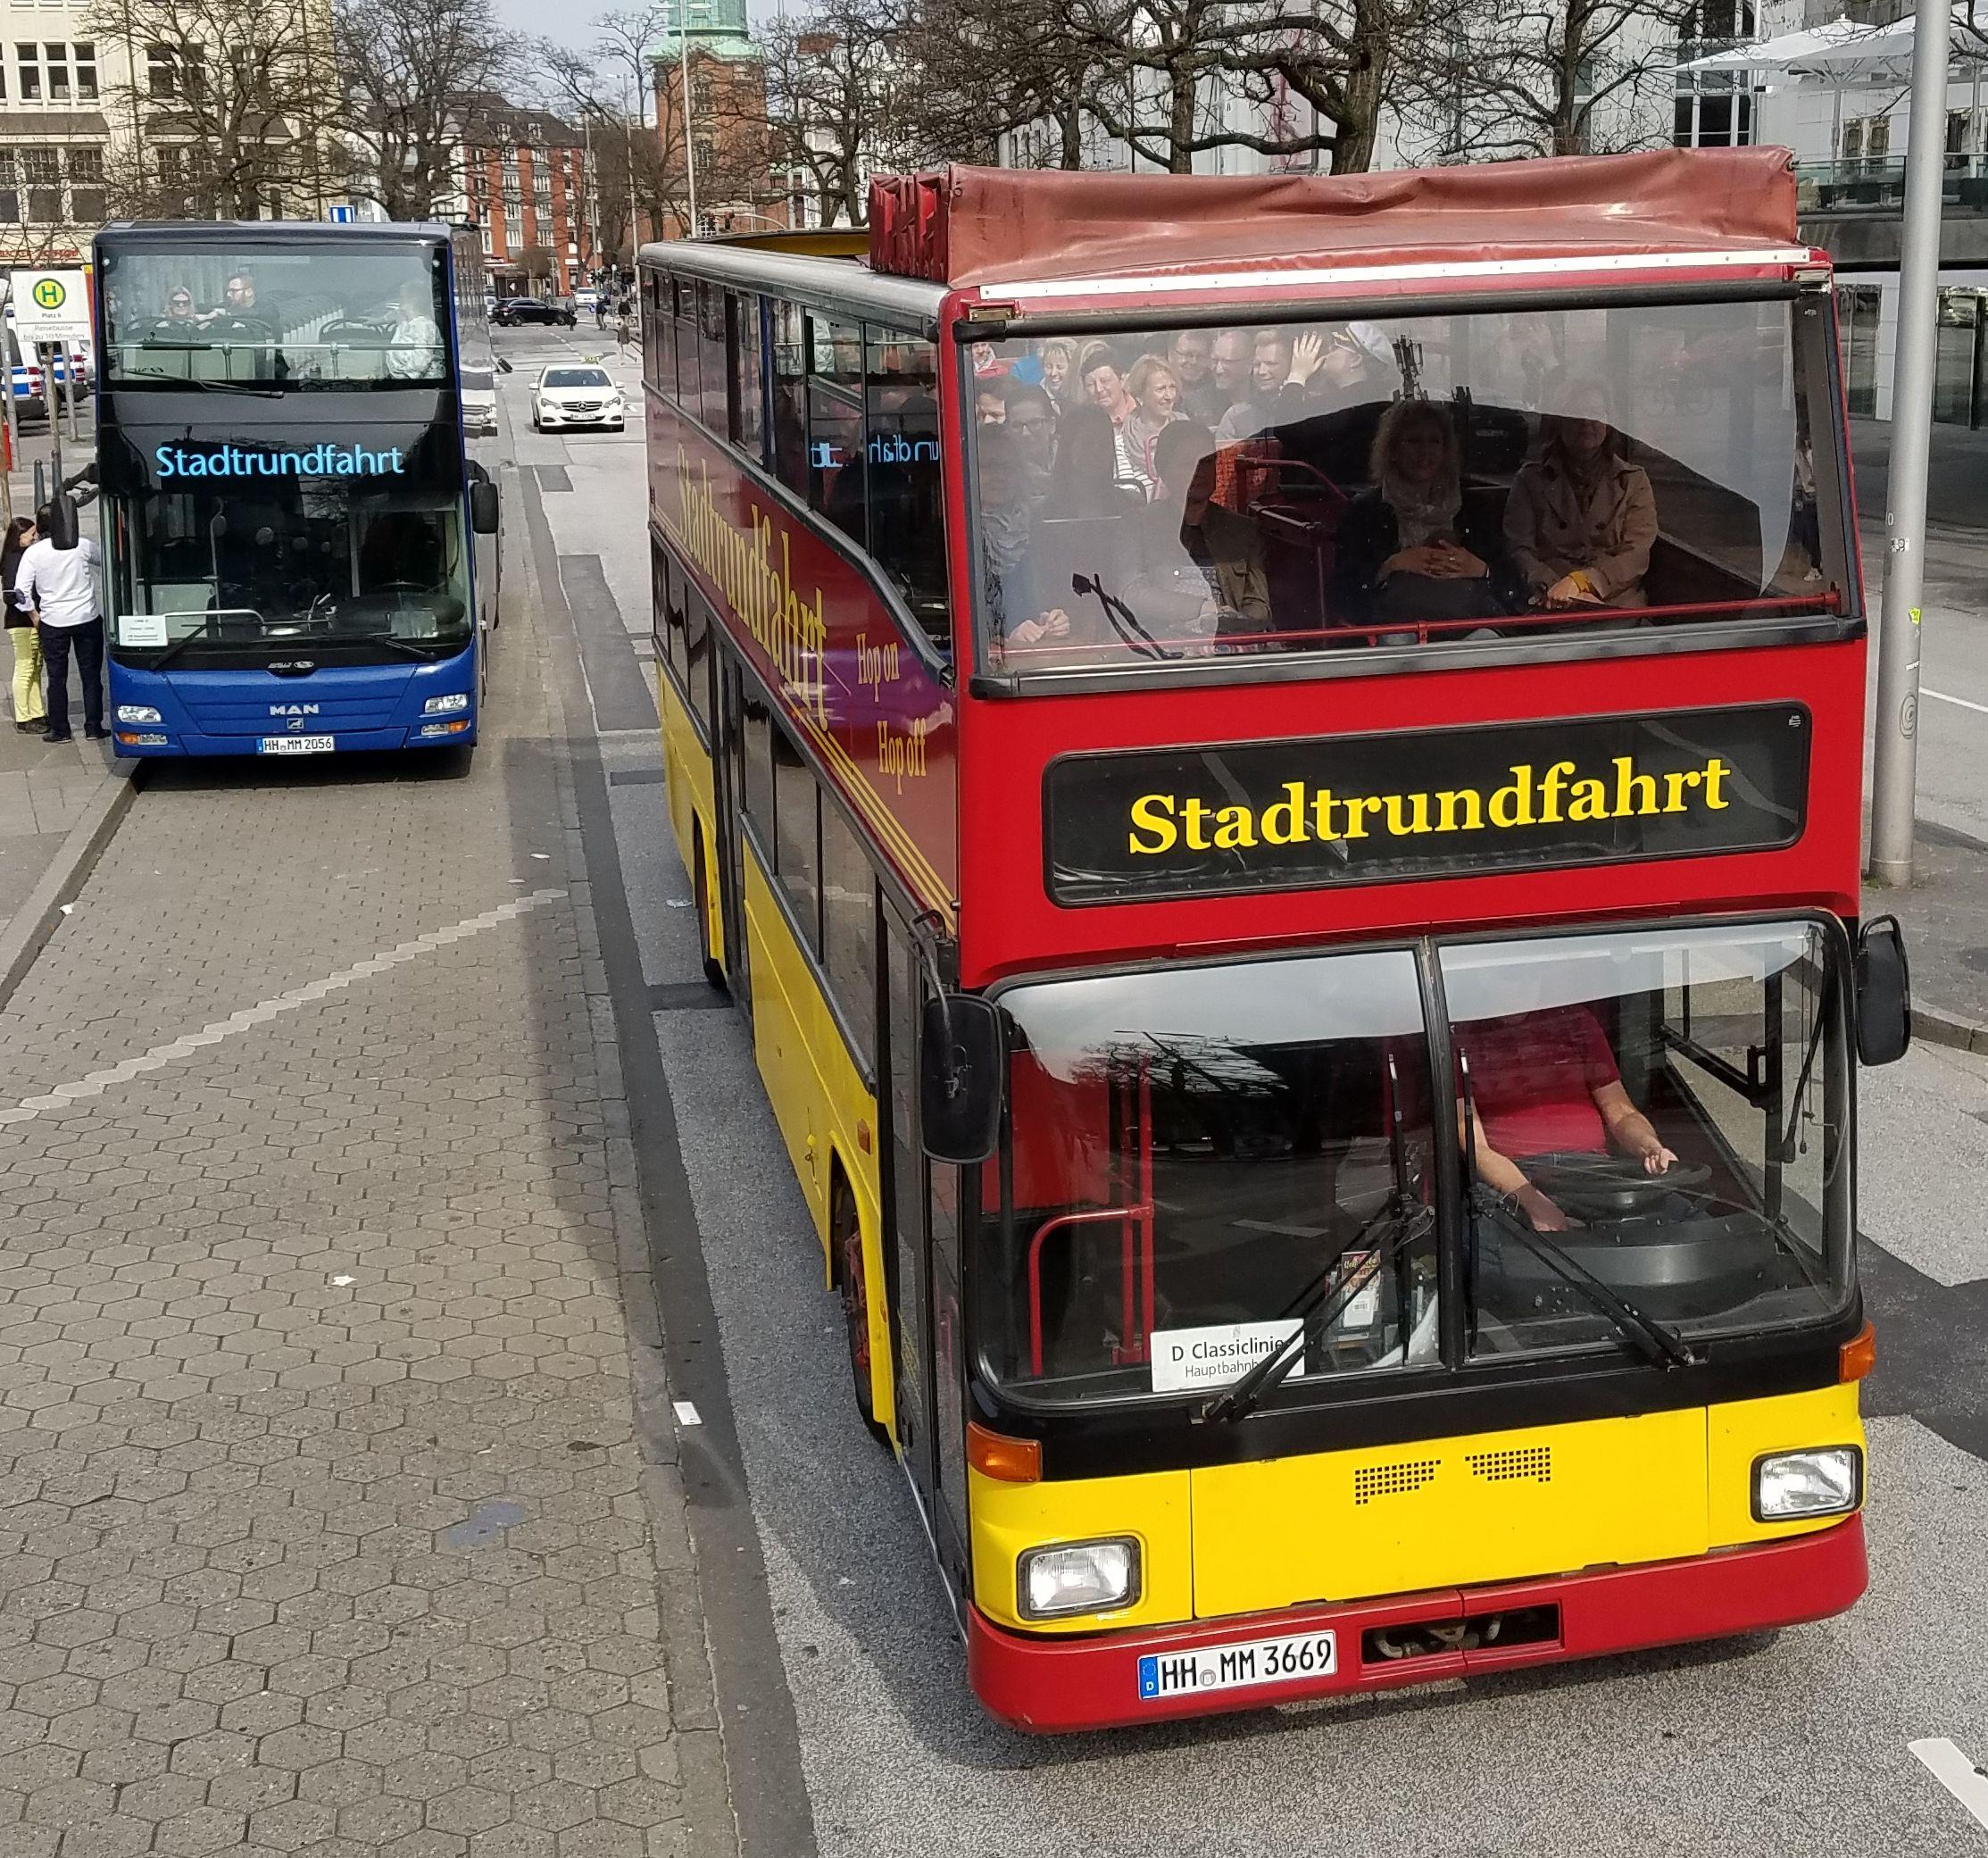 Foto: Bus 3953, Typ D92, Stadtrundfahrtbus HH MM 3669, Hamburg, März 2017